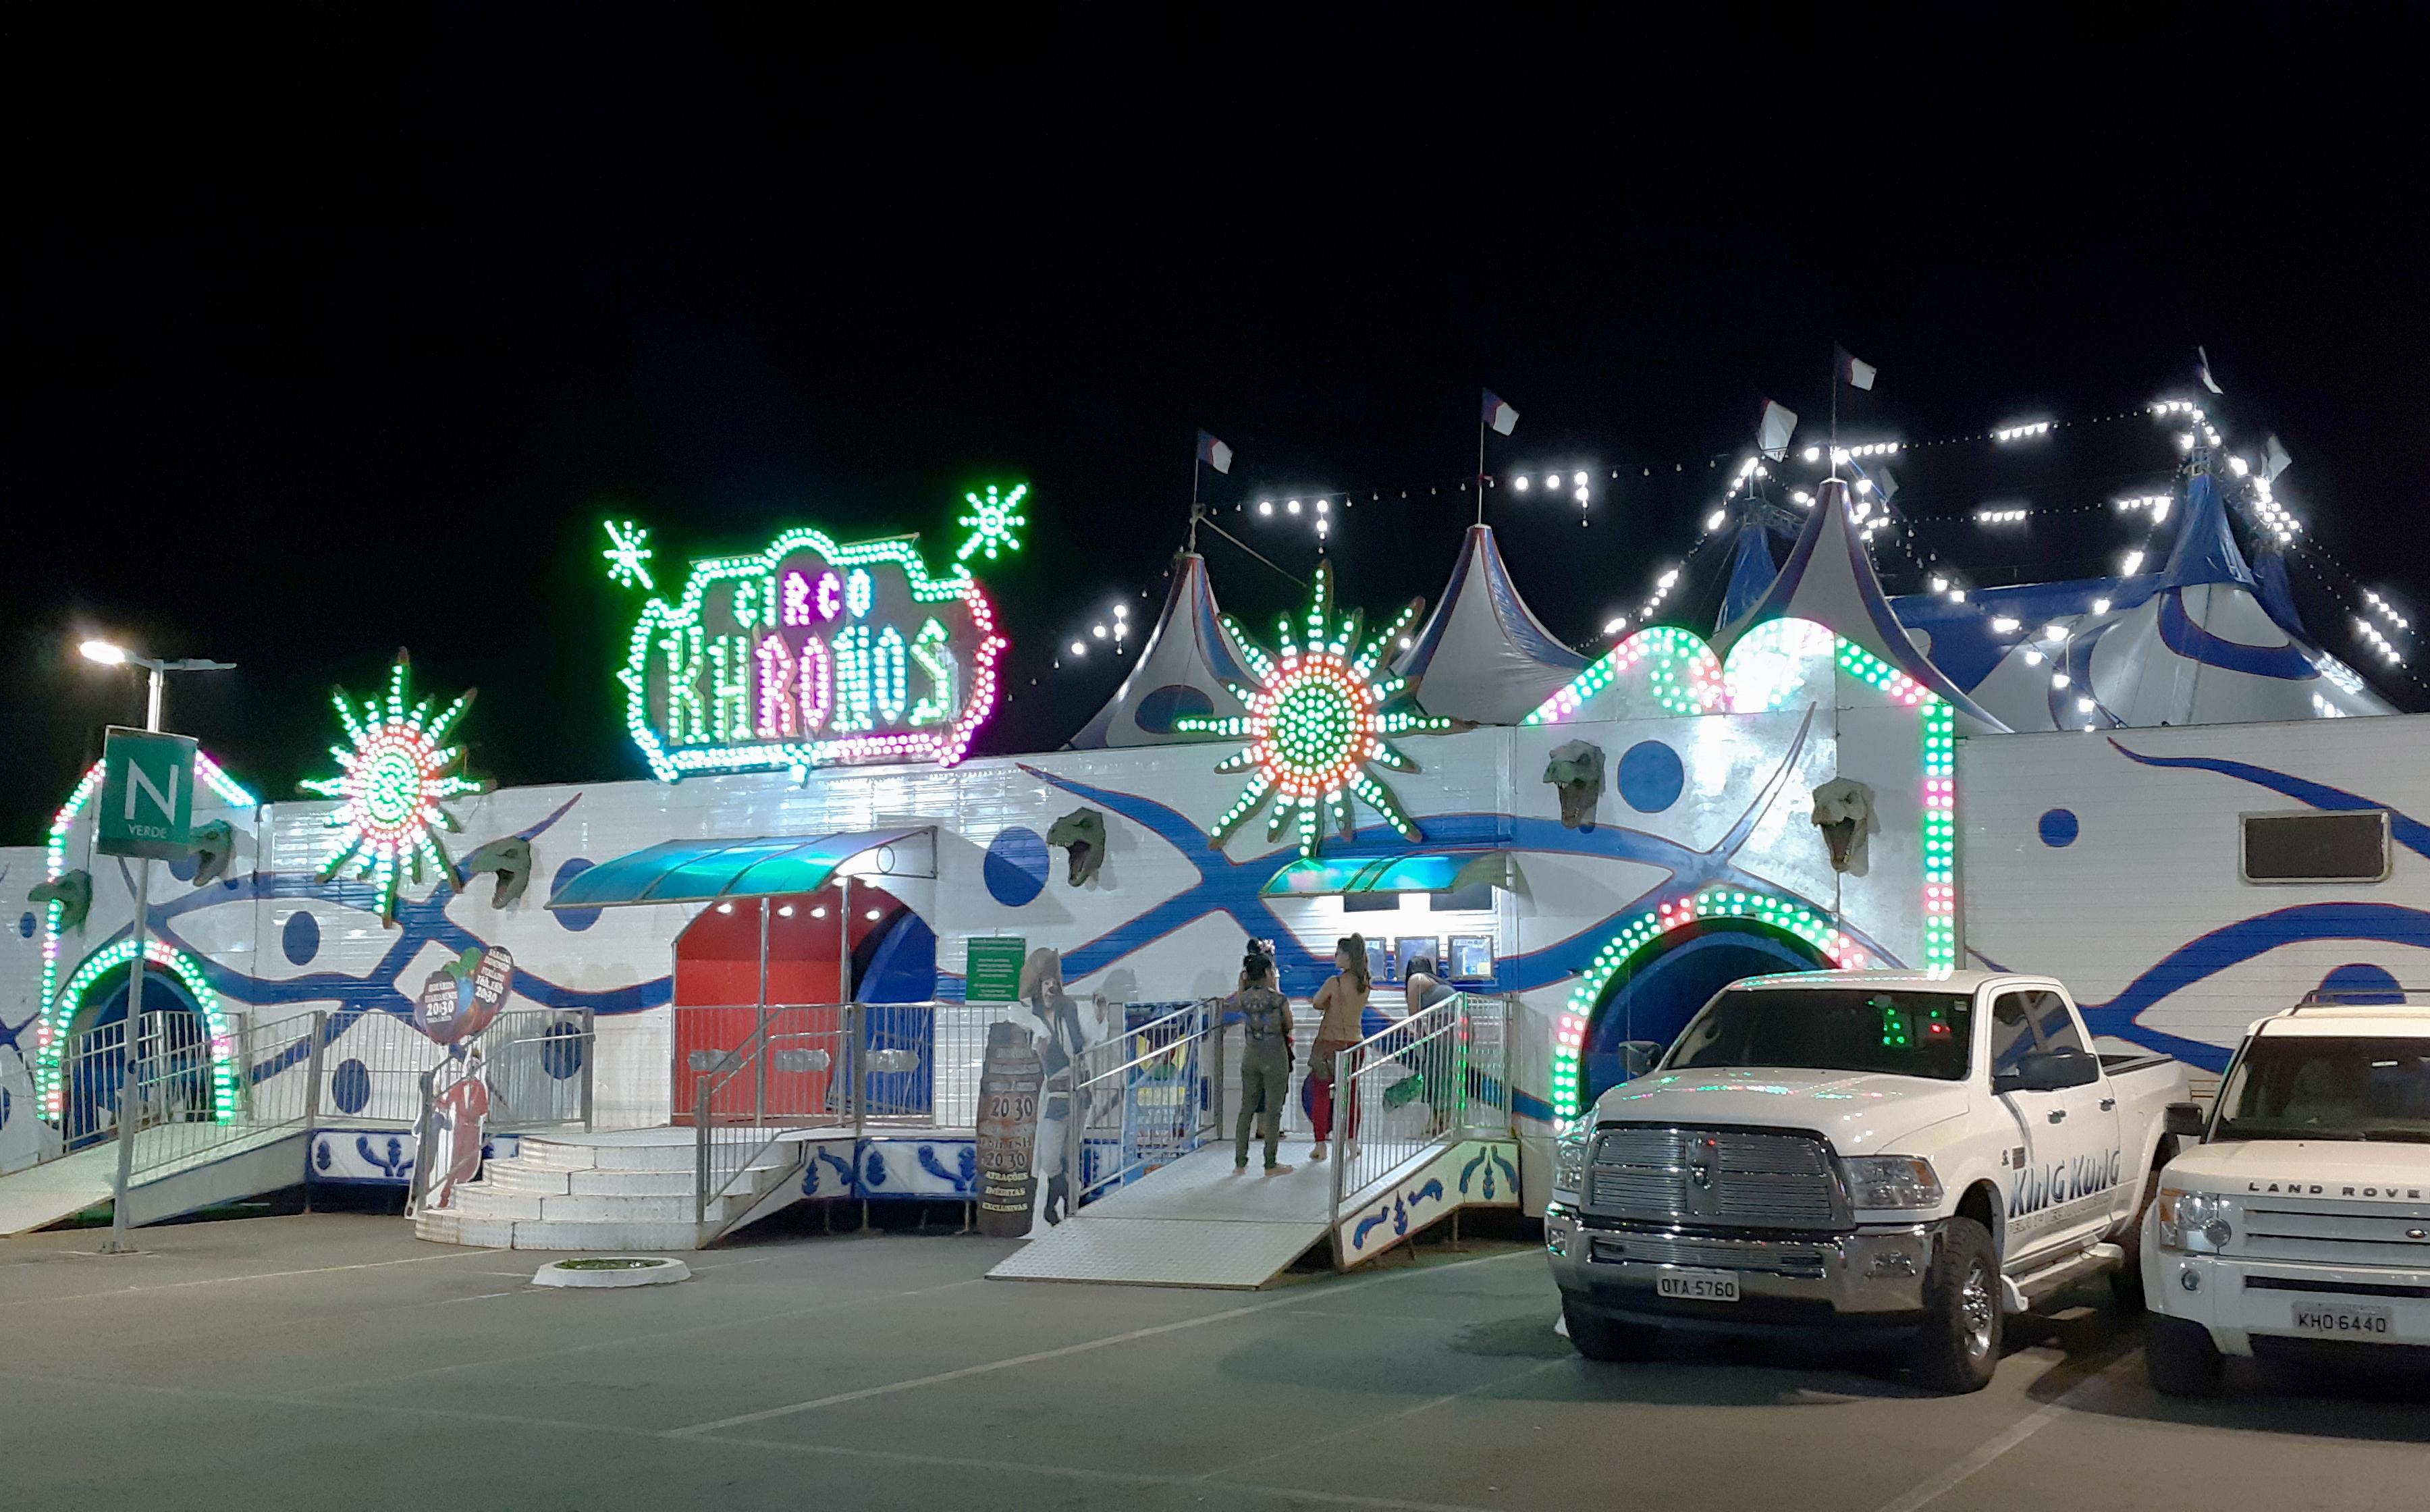 King Kong de 11 metros é atração de circo em Goiânia